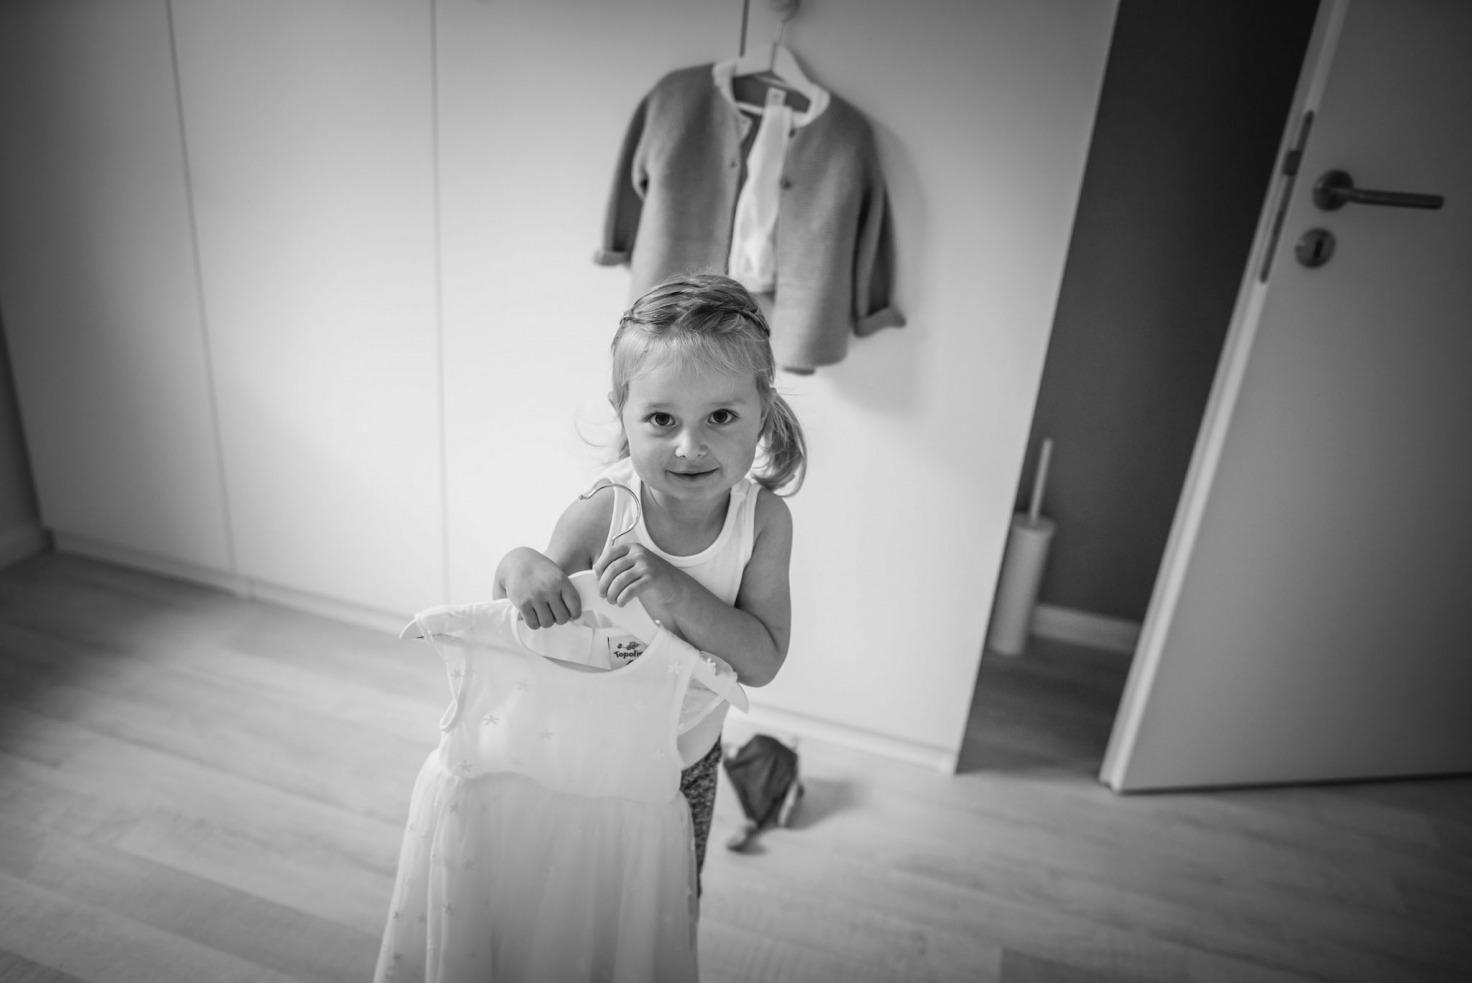 Hochzeit von Sabrina und Michael in Münster: Kleines Mädchen zeigt ihr Kleid